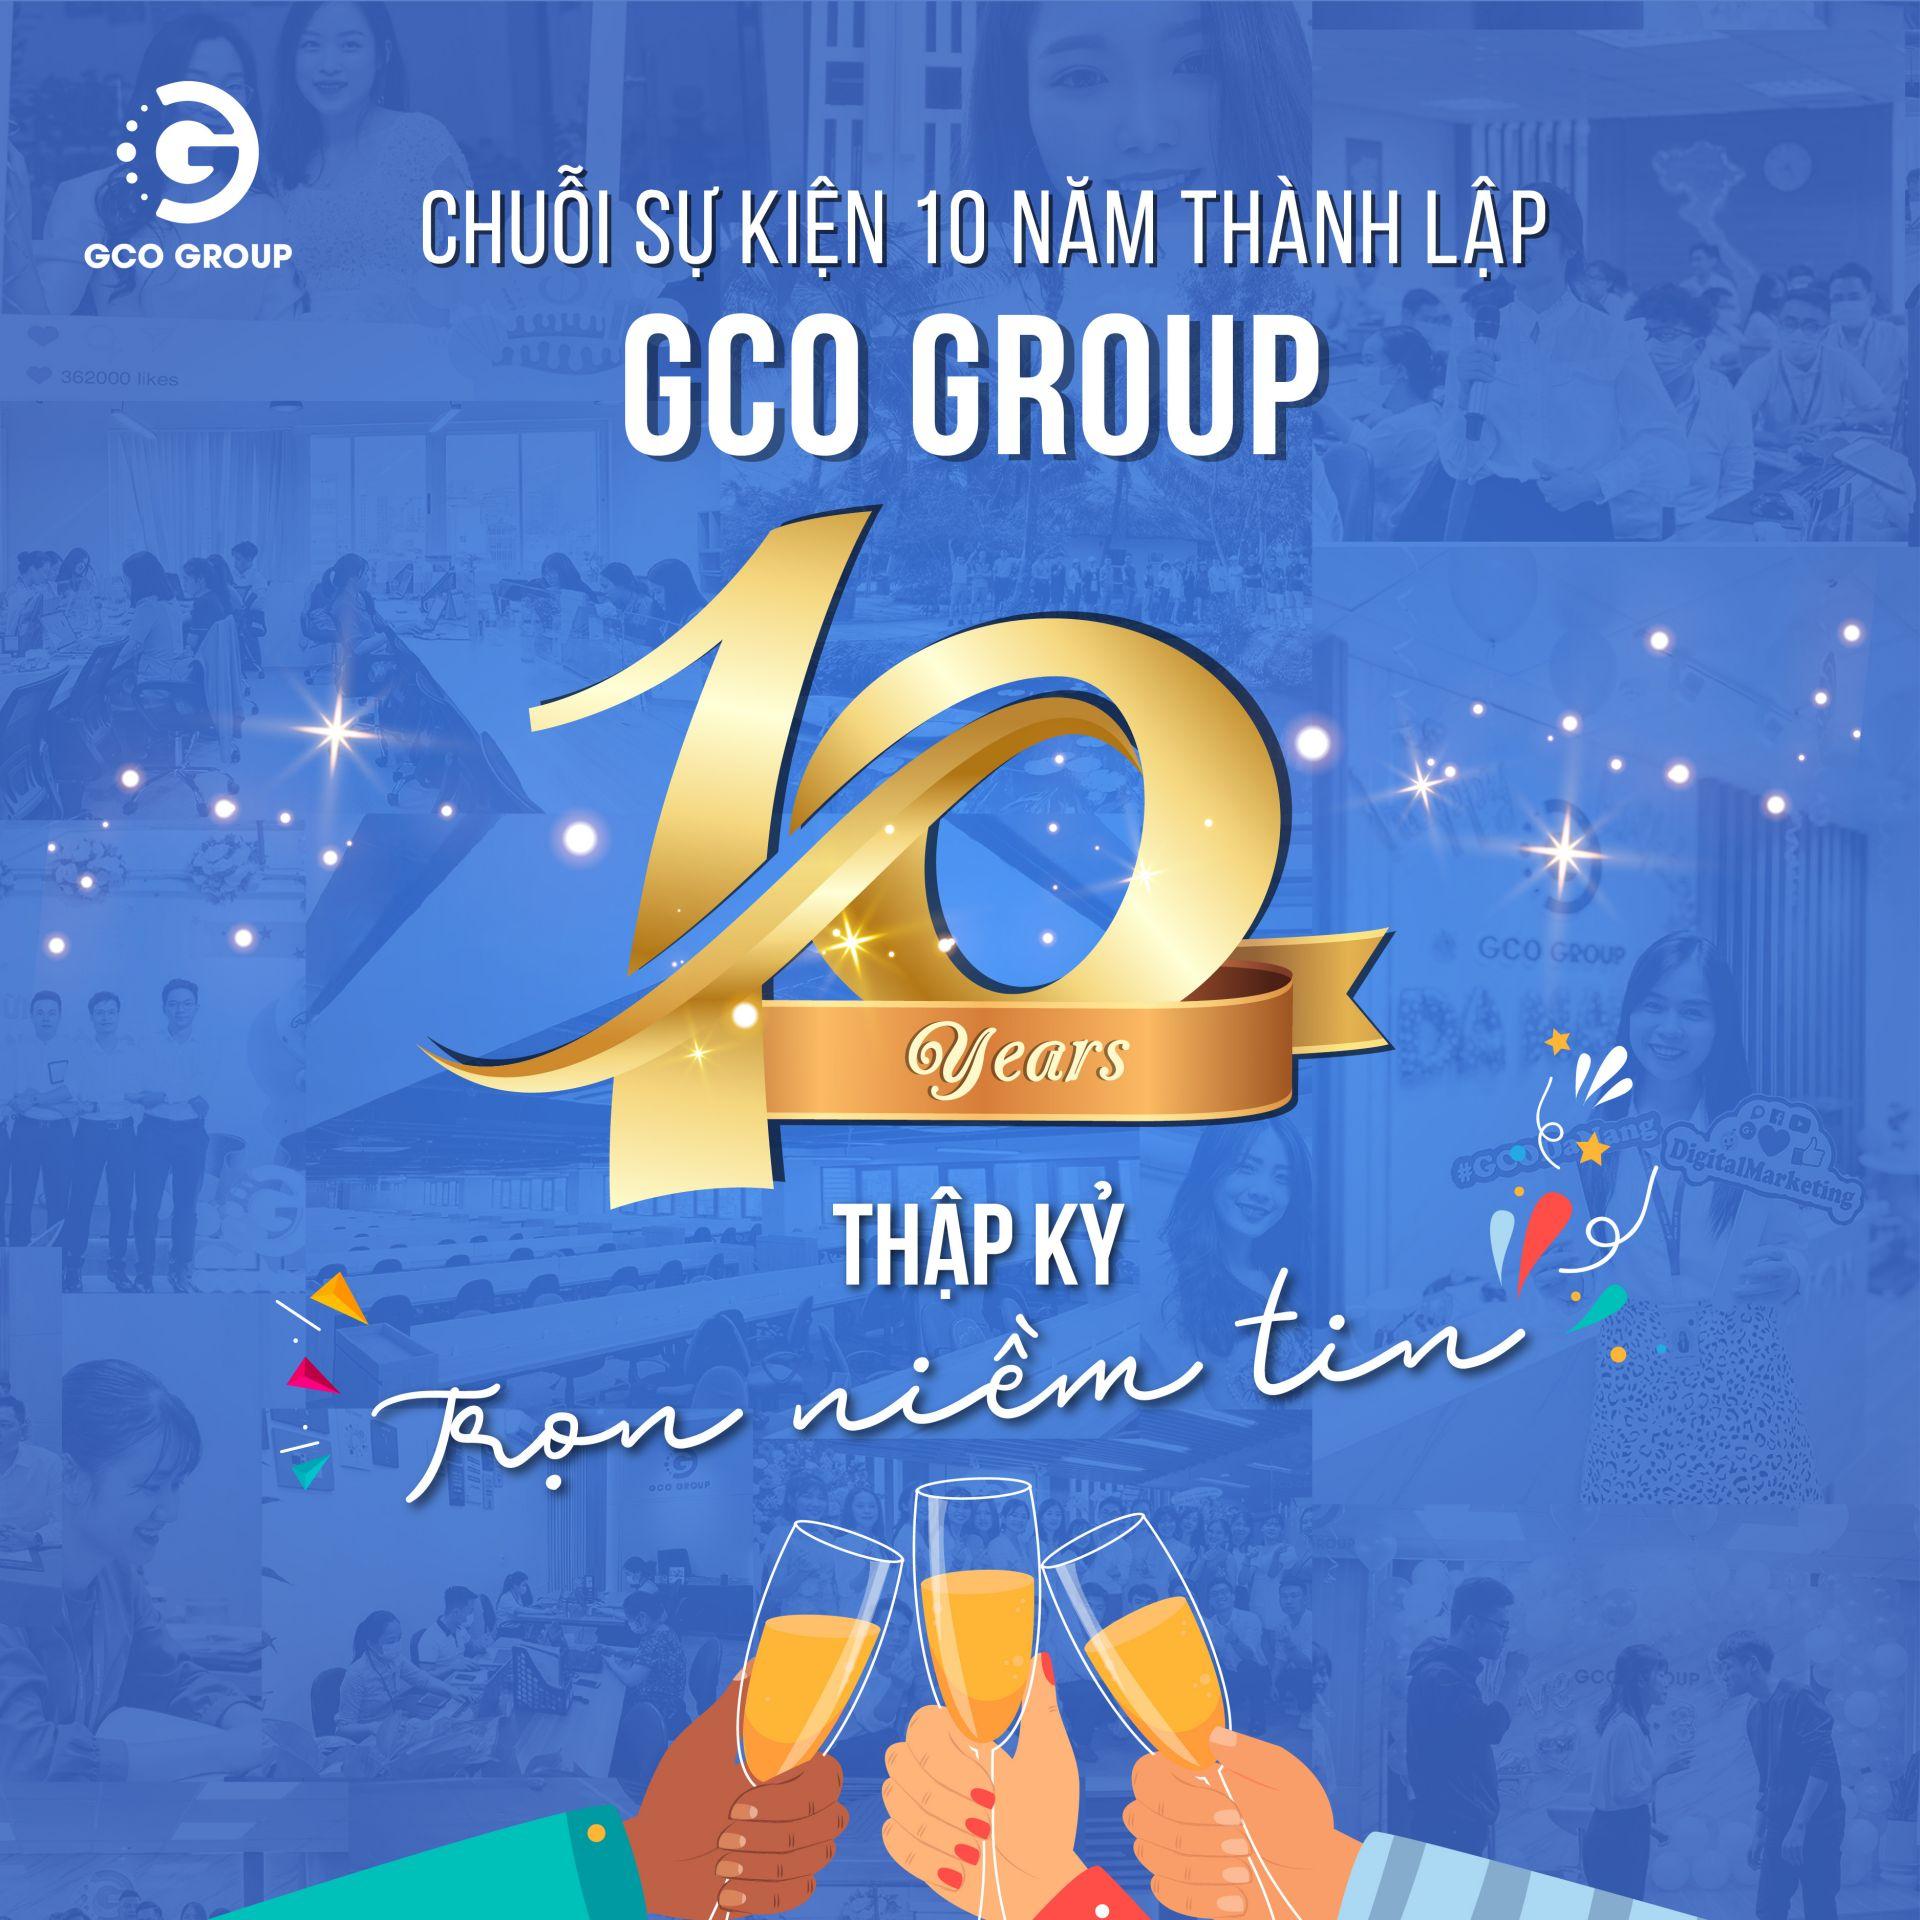 GCO Group phát động chuỗi sự kiện bên lề chào mừng thập kỷ xây dựng và phát triển!